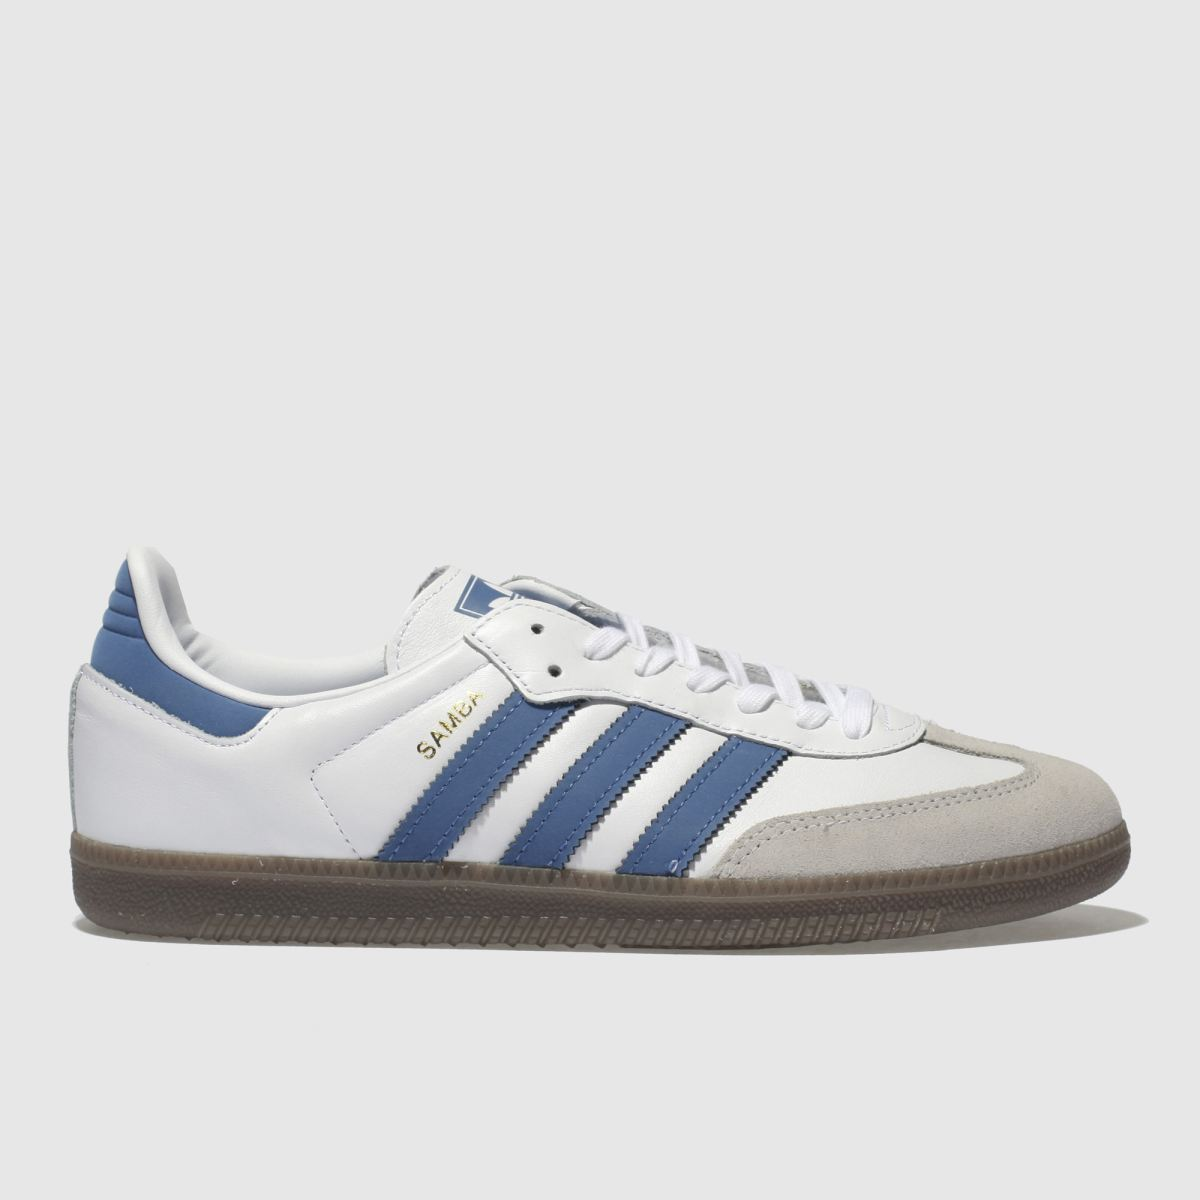 Adidas Adidas White & Blue Samba Og Trainers